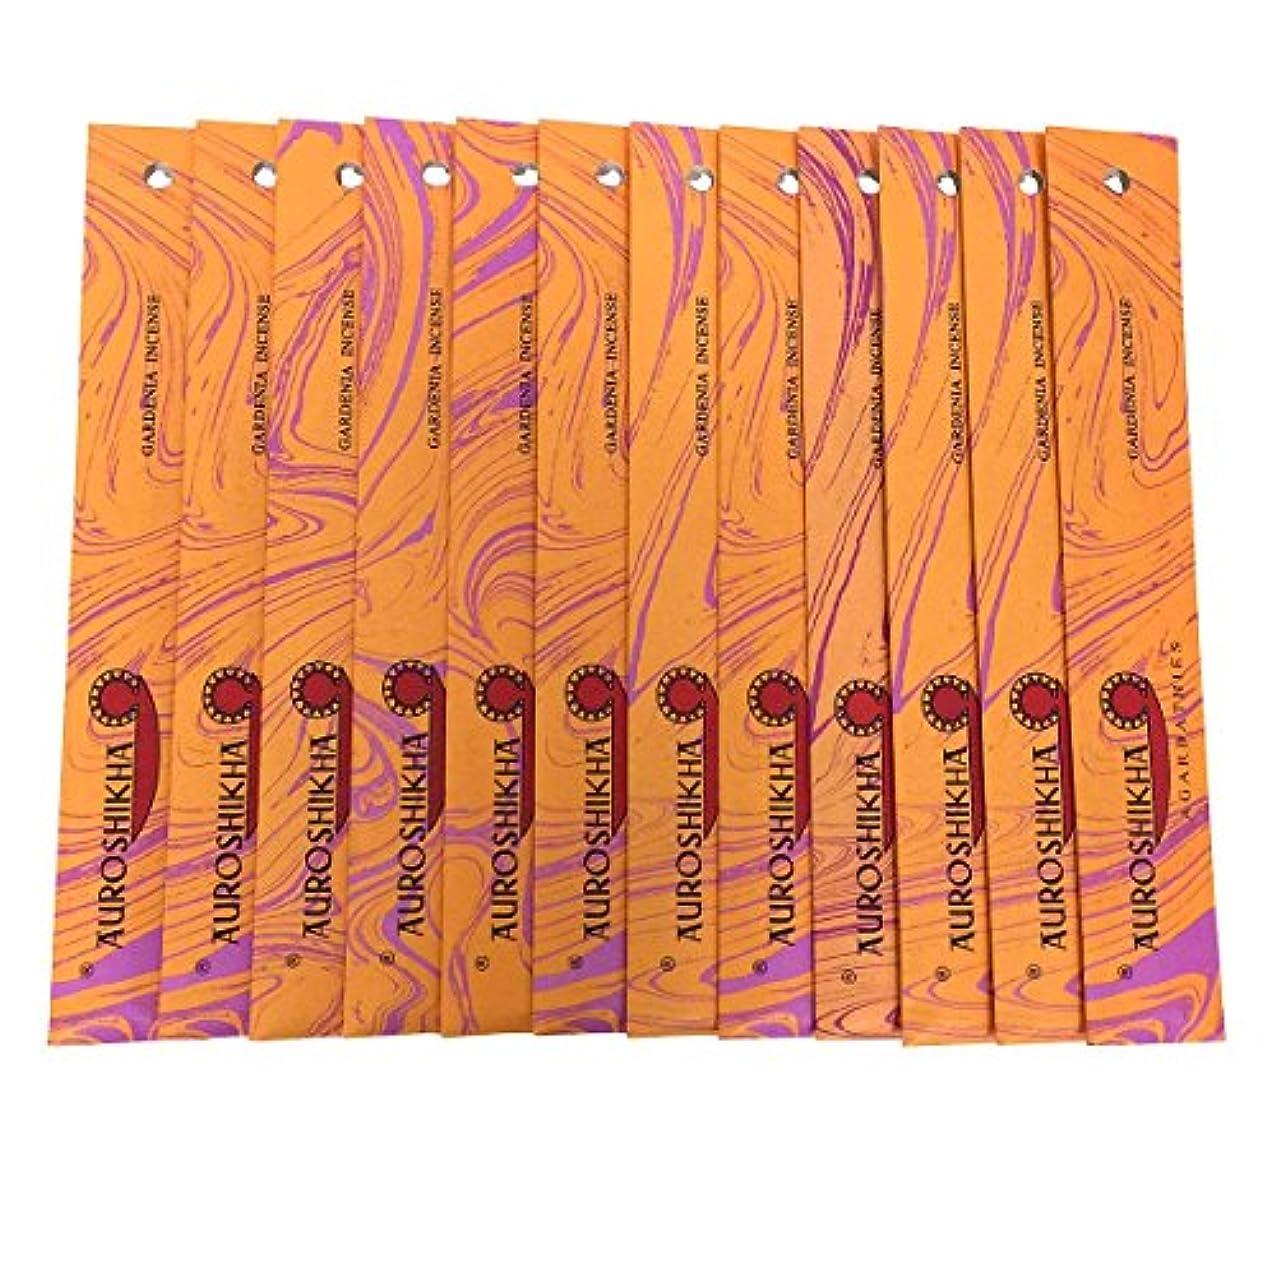 カード工業化するカメAUROSHIKHA オウロシカ(GARDENIAガーデニア12個セット) マーブルパッケージスティック 送料無料